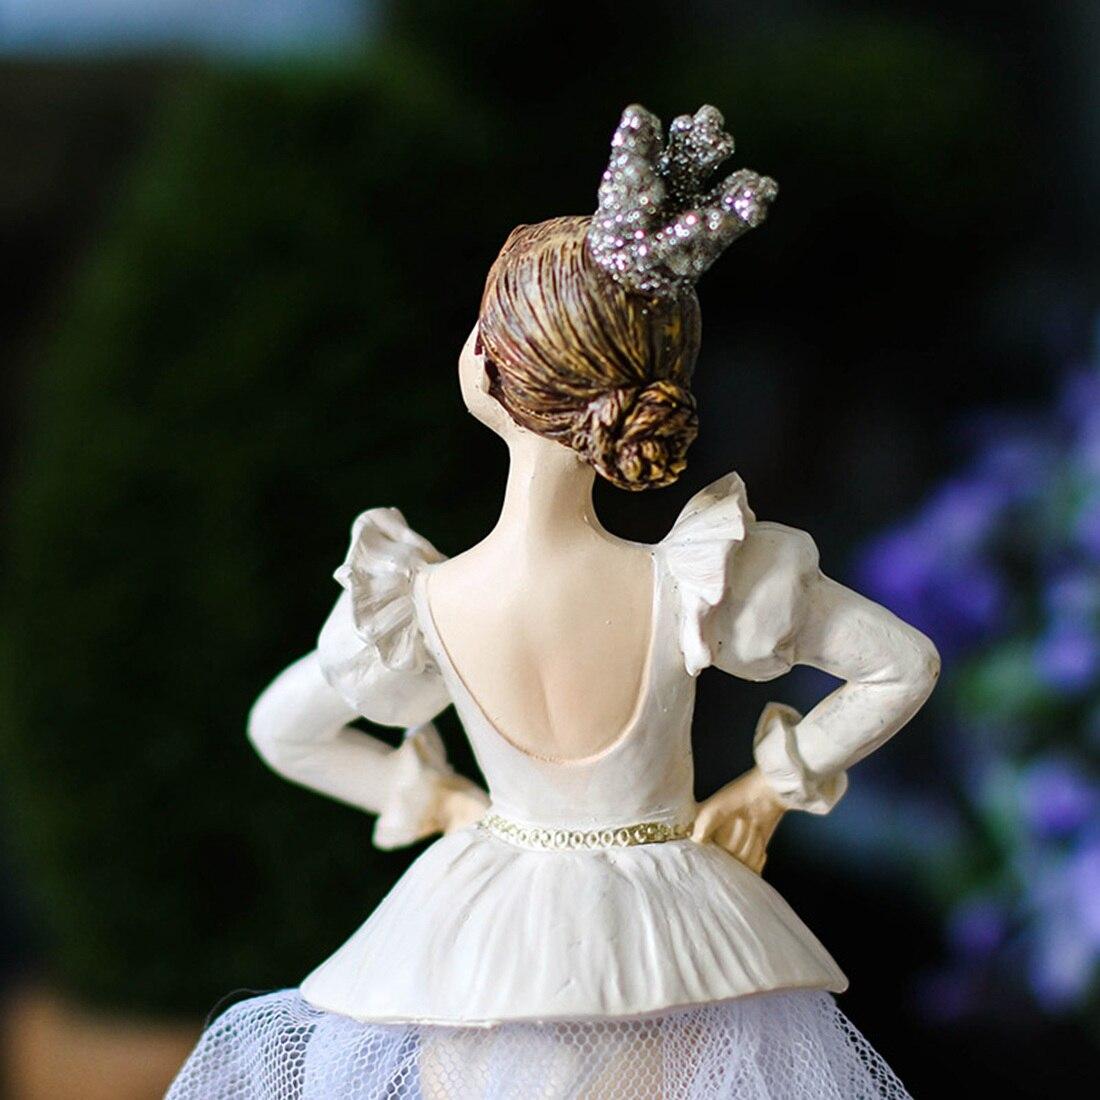 Acheter Européenne Creative maison Décoration De Bureau de Haute qualité Résine Artisanat Cadeaux Princesse Chambre Exquis Décoration Ballet Akimbo Fille de Figurines et Miniatures fiable fournisseurs